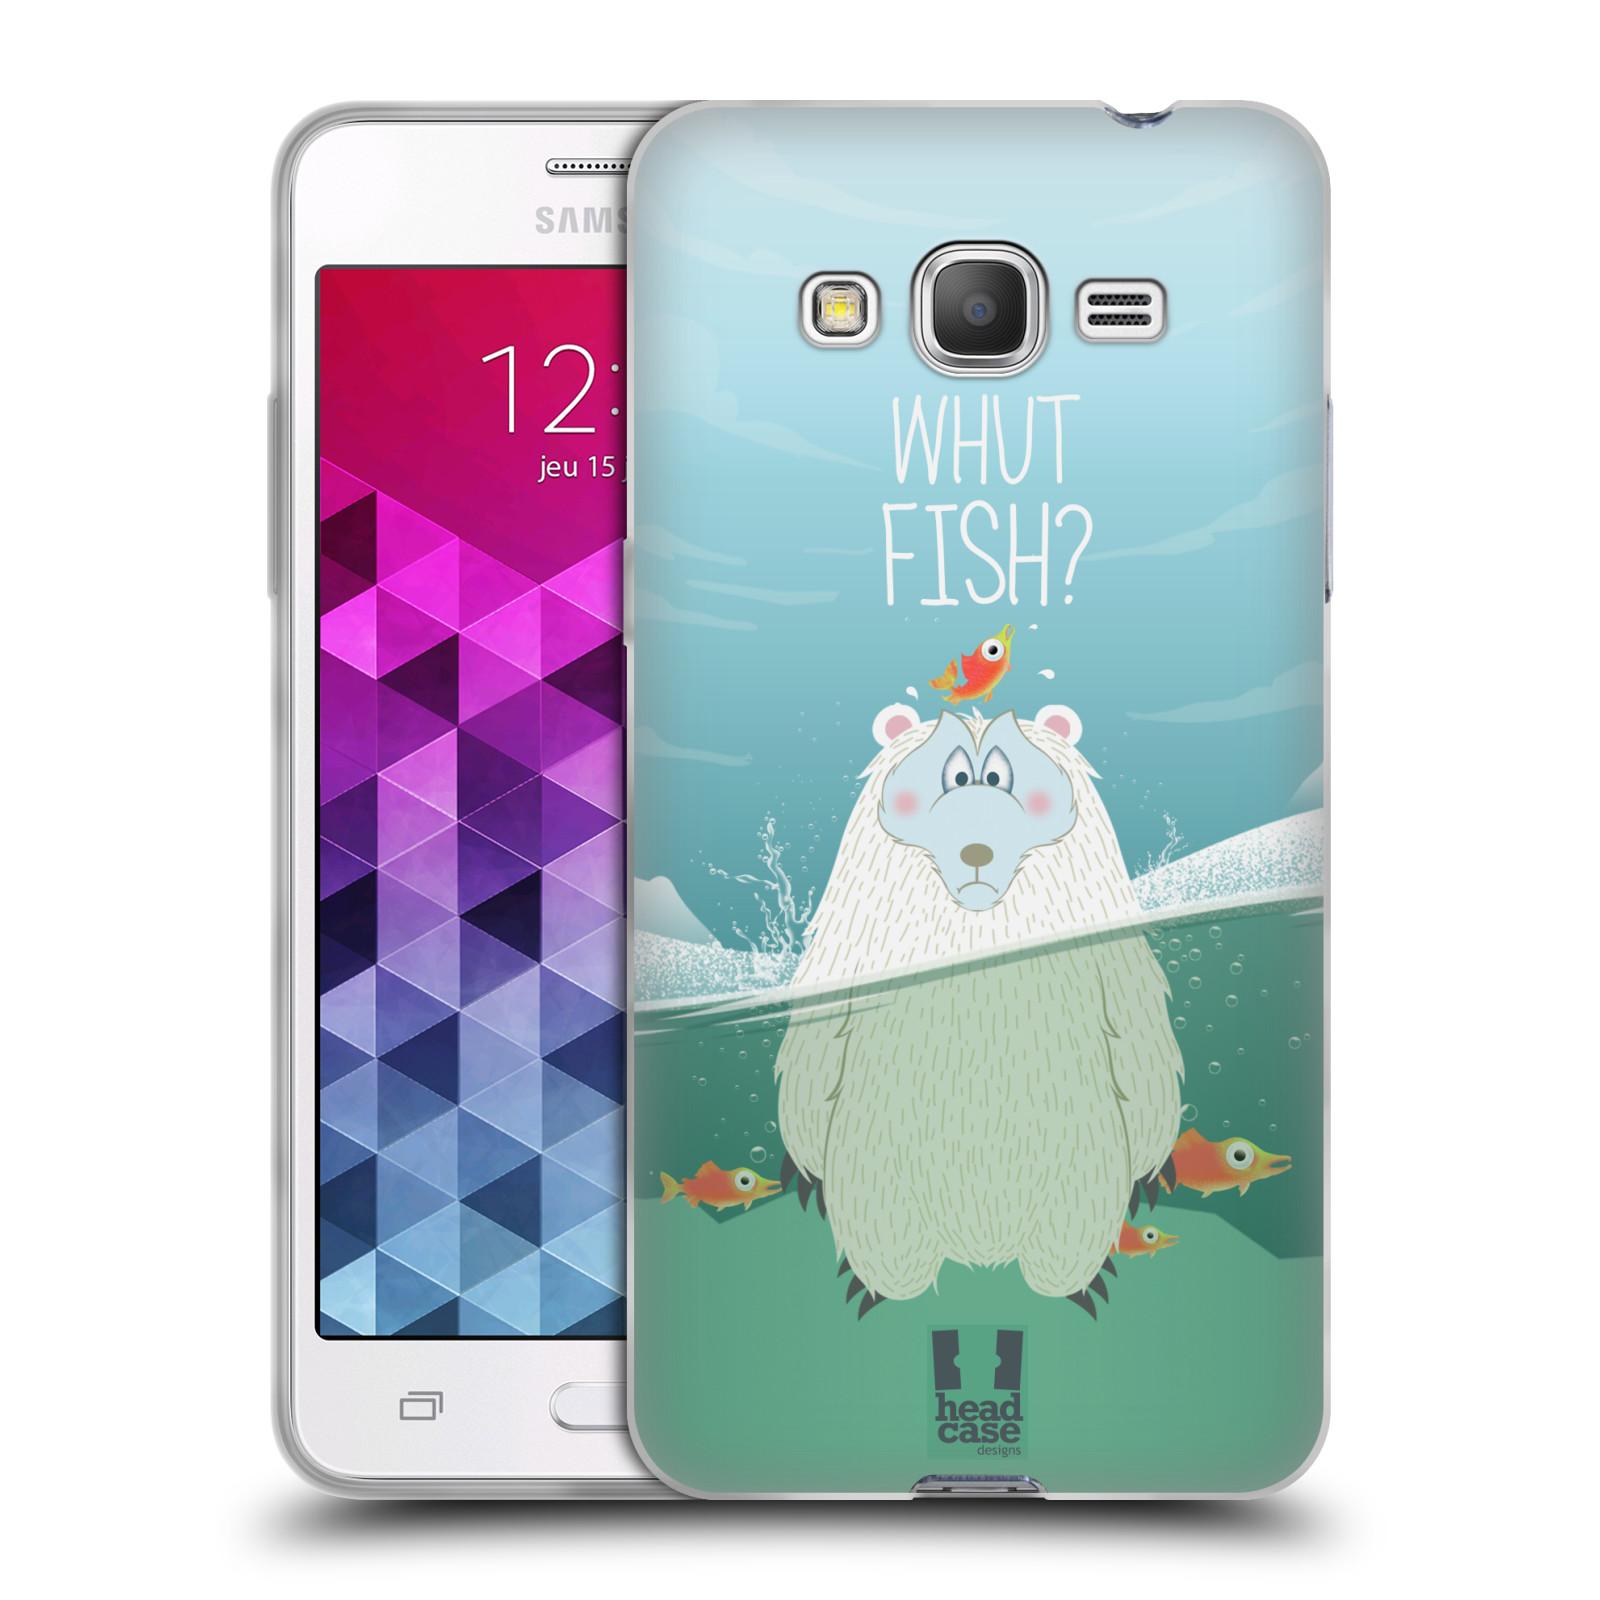 Silikonové pouzdro na mobil Samsung Galaxy Grand Prime HEAD CASE Medvěd Whut Fish?